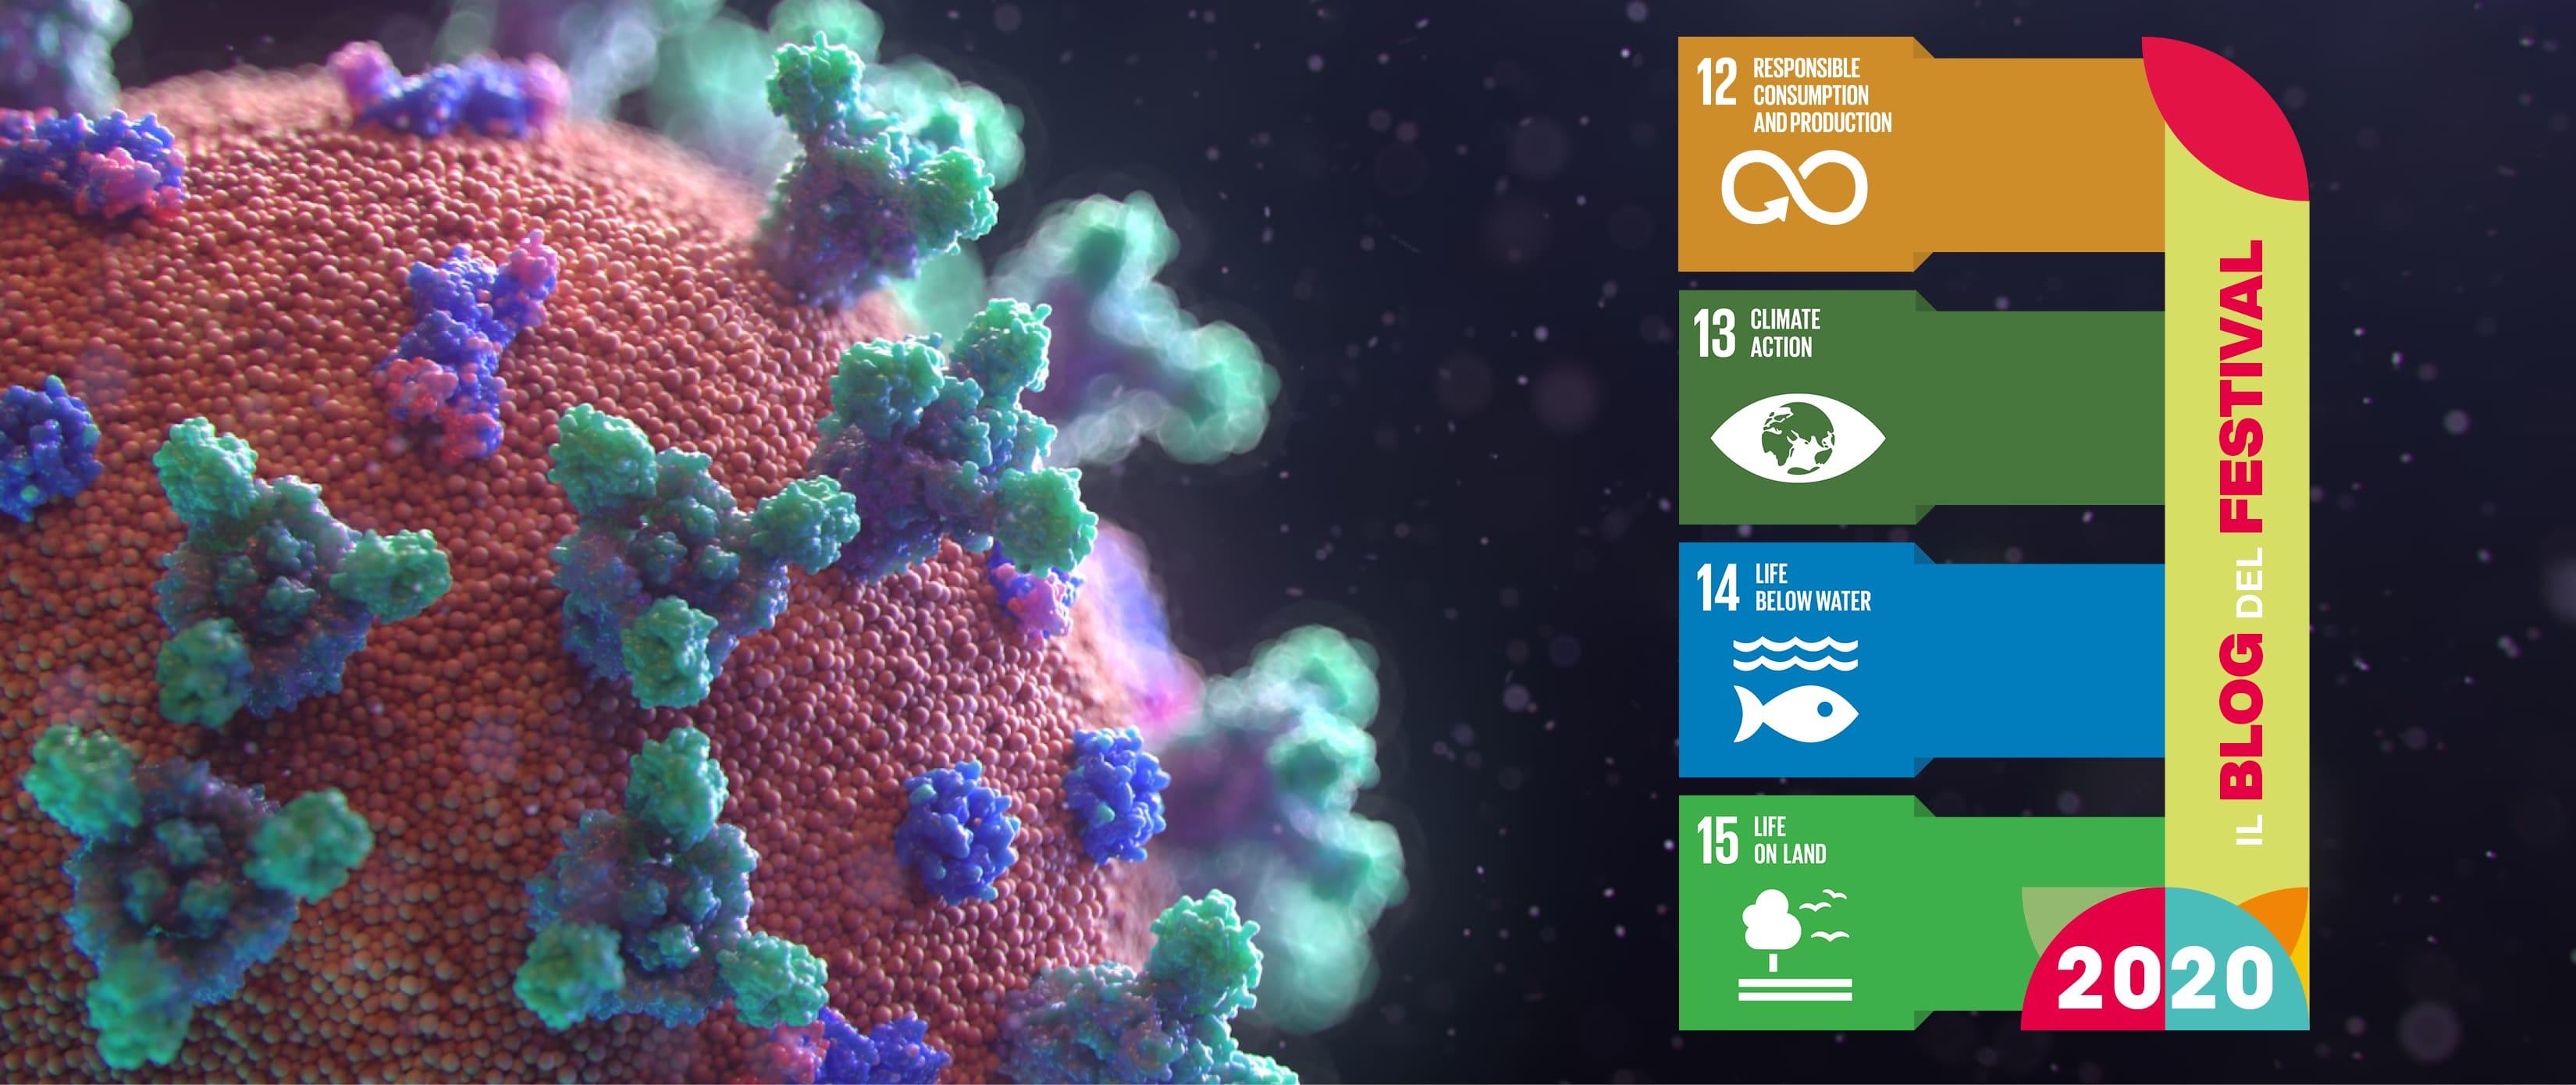 COVID-19: Quattro obiettivi di sviluppo sostenibile che aiutano la ripresa globale